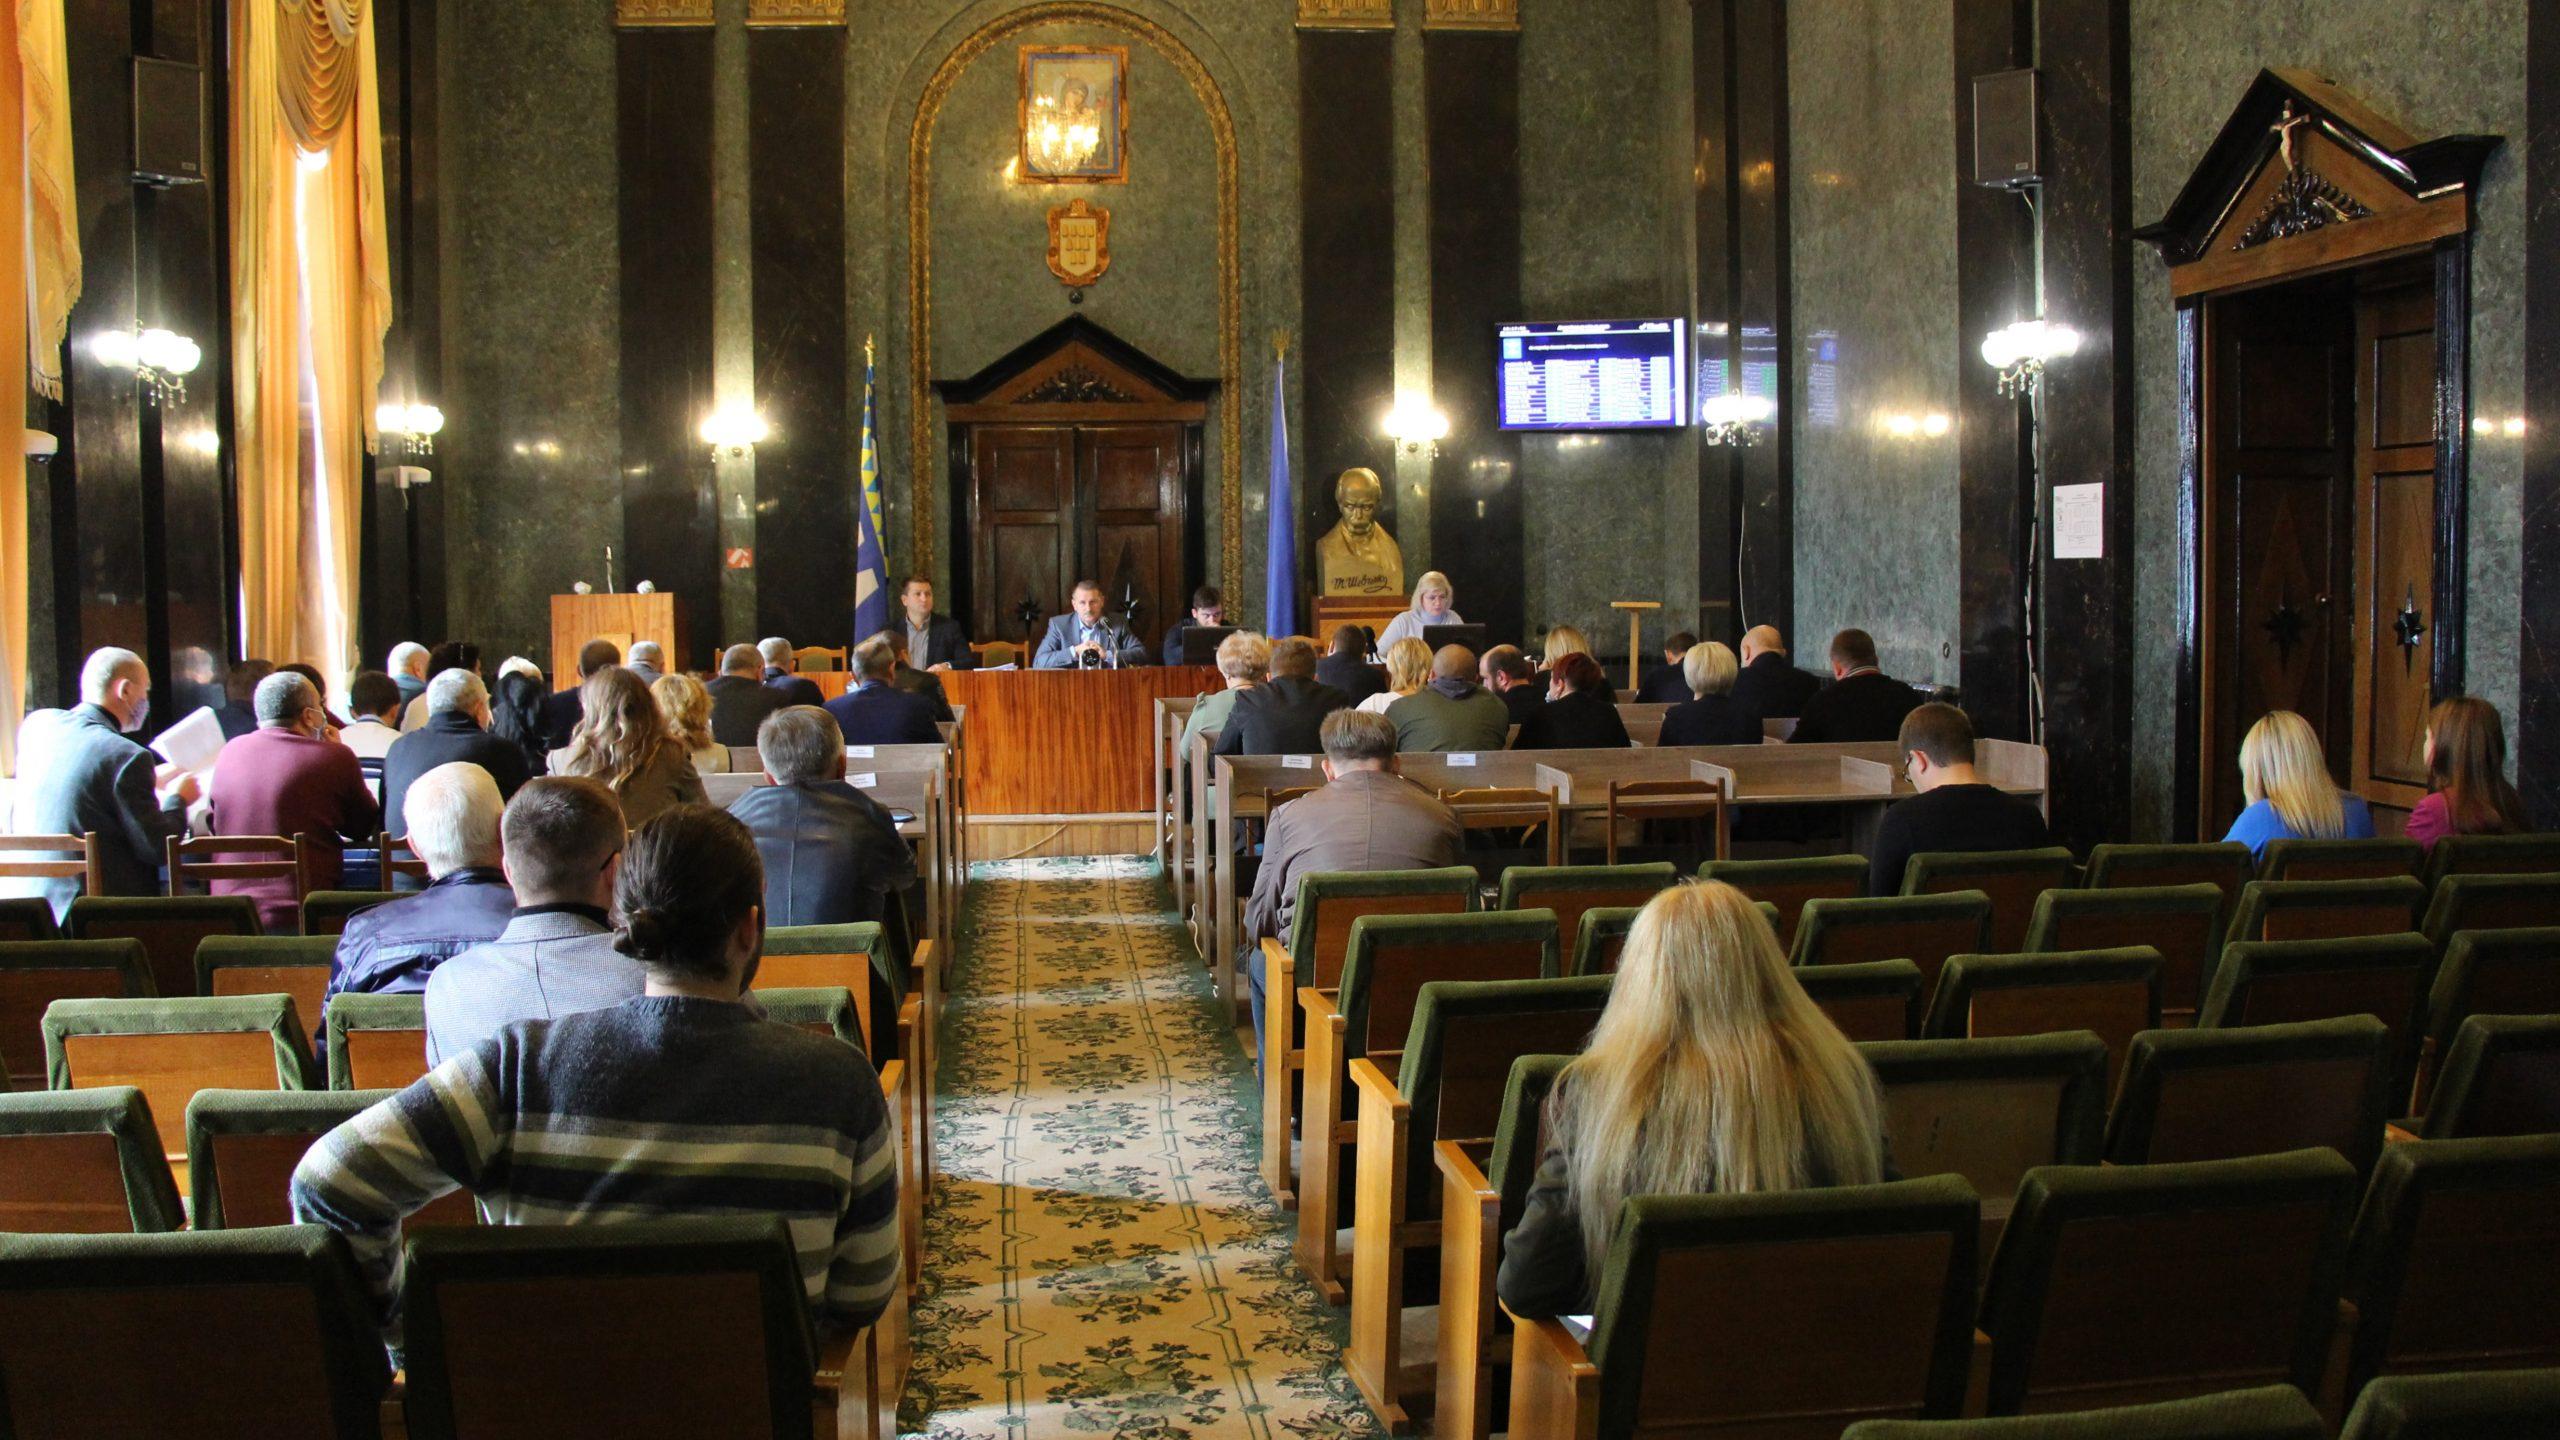 Депутати Дрогобича звернулися до Президента та Прем'єр-міністра України вжити заходів щодо монопольного підвищення тарифів на житлово-комунальні послуги та висловили рішучий протест